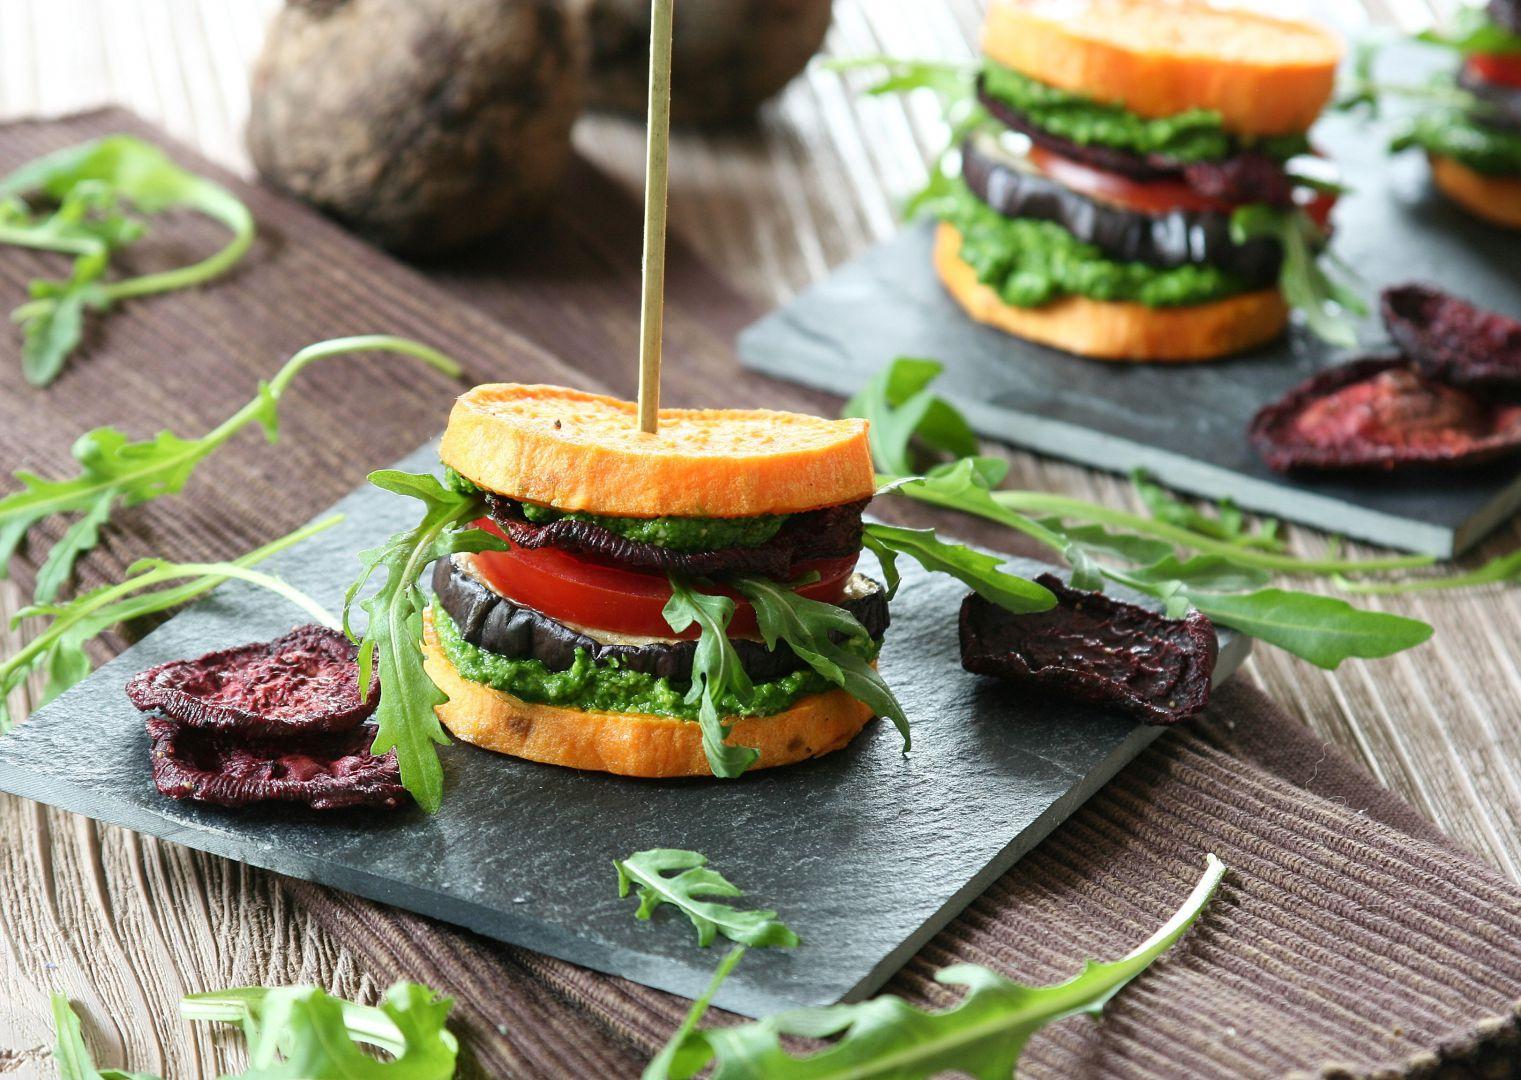 Batátové burgery se špenátovým pestem recept